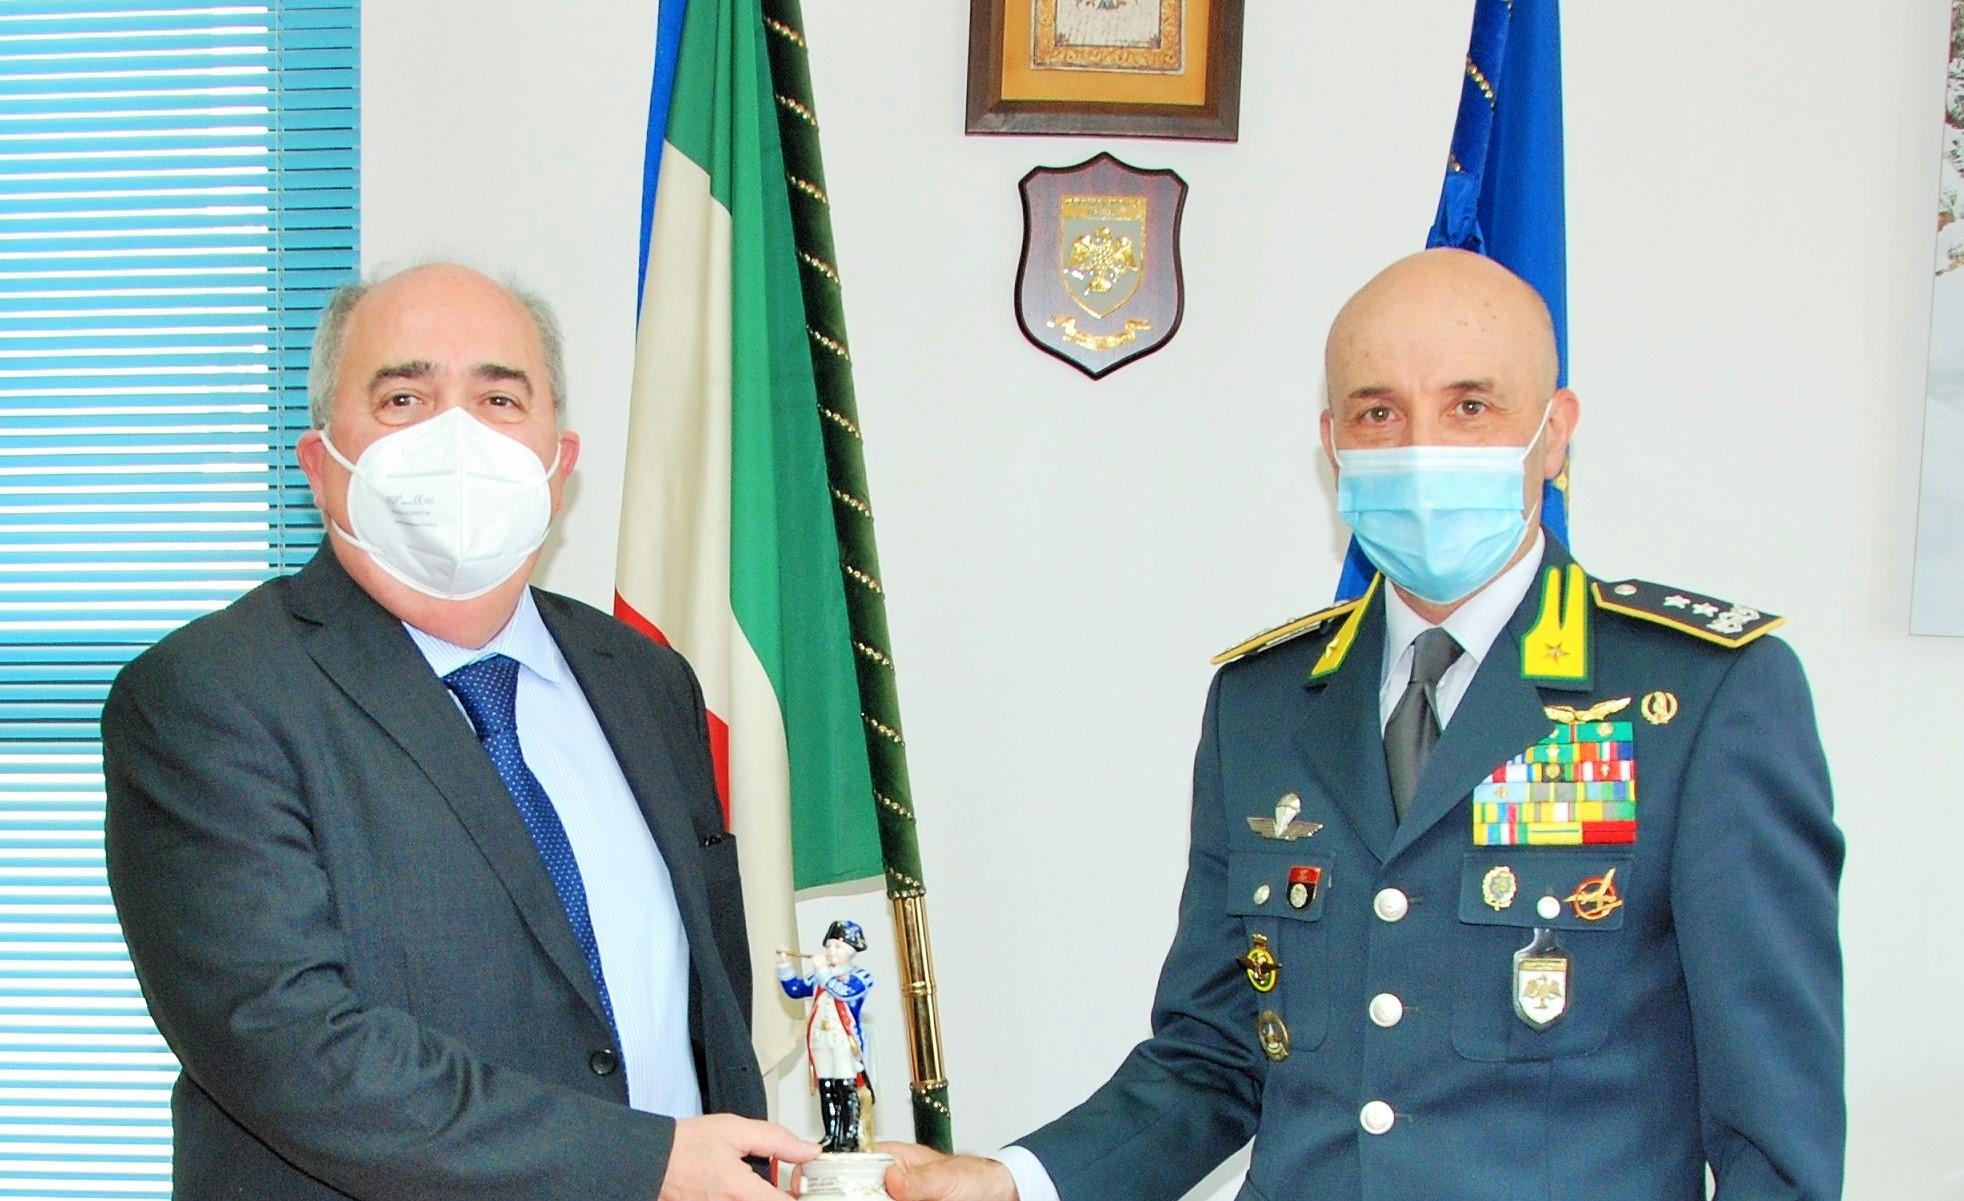 Mancini, Procuratore Generale di Corte di Appello de L'Aquila, in visita al Comando Regionale Abruzzo della Guardia di Finanza